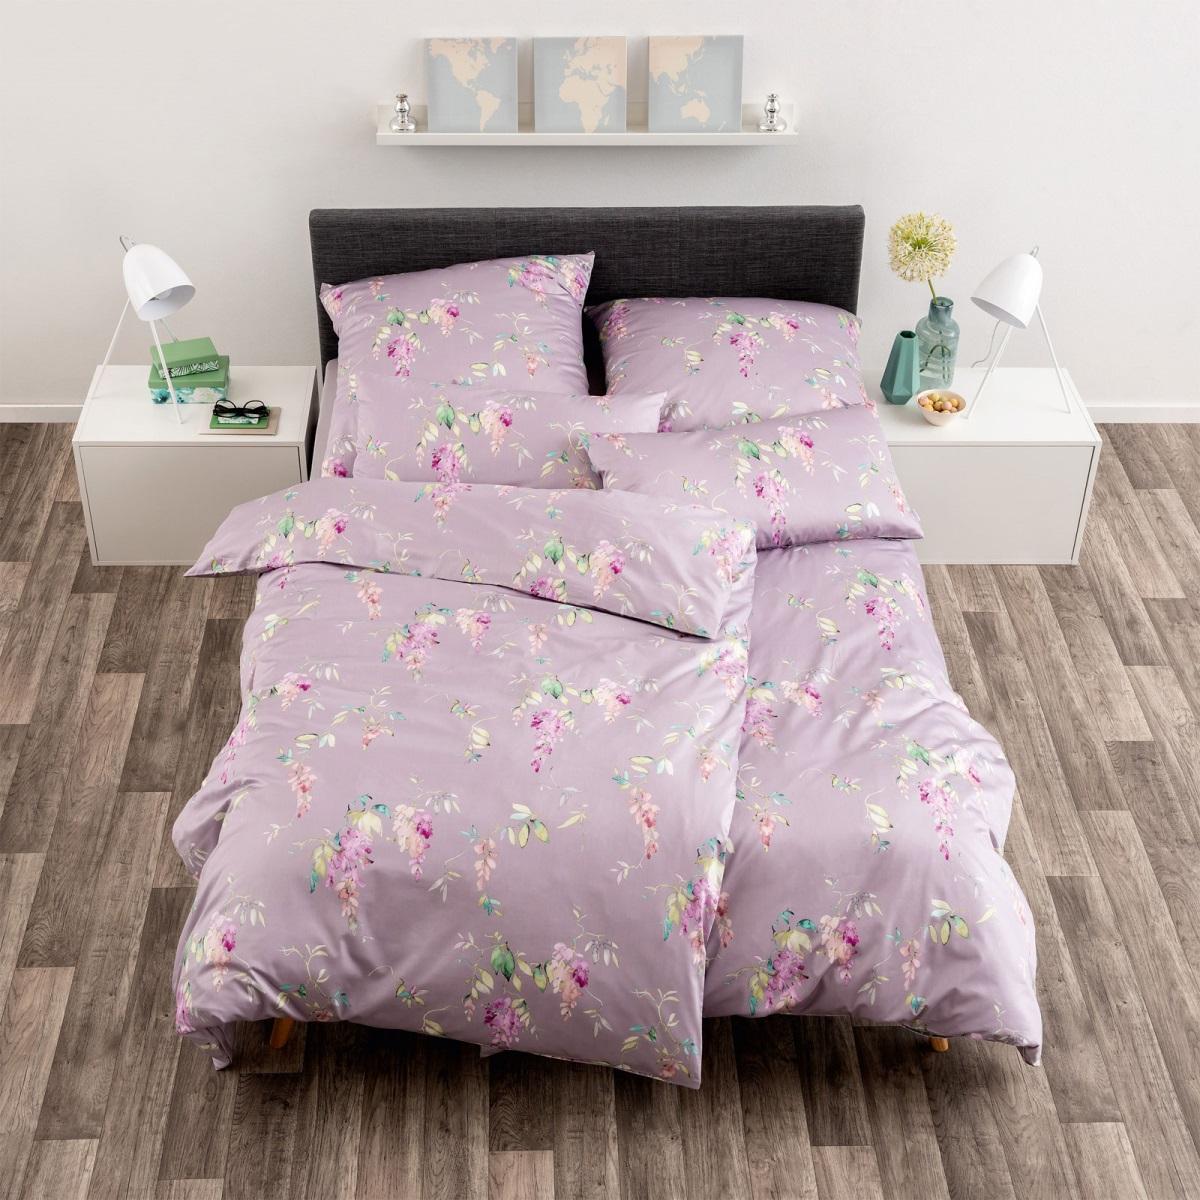 Verschiedene Bettwäsche-Sets von Estella aus Mako-Satin mit Bettdeckenbezug (135x200cm) und 2 Kissenbezügen (40x80cm + 80x80cm)